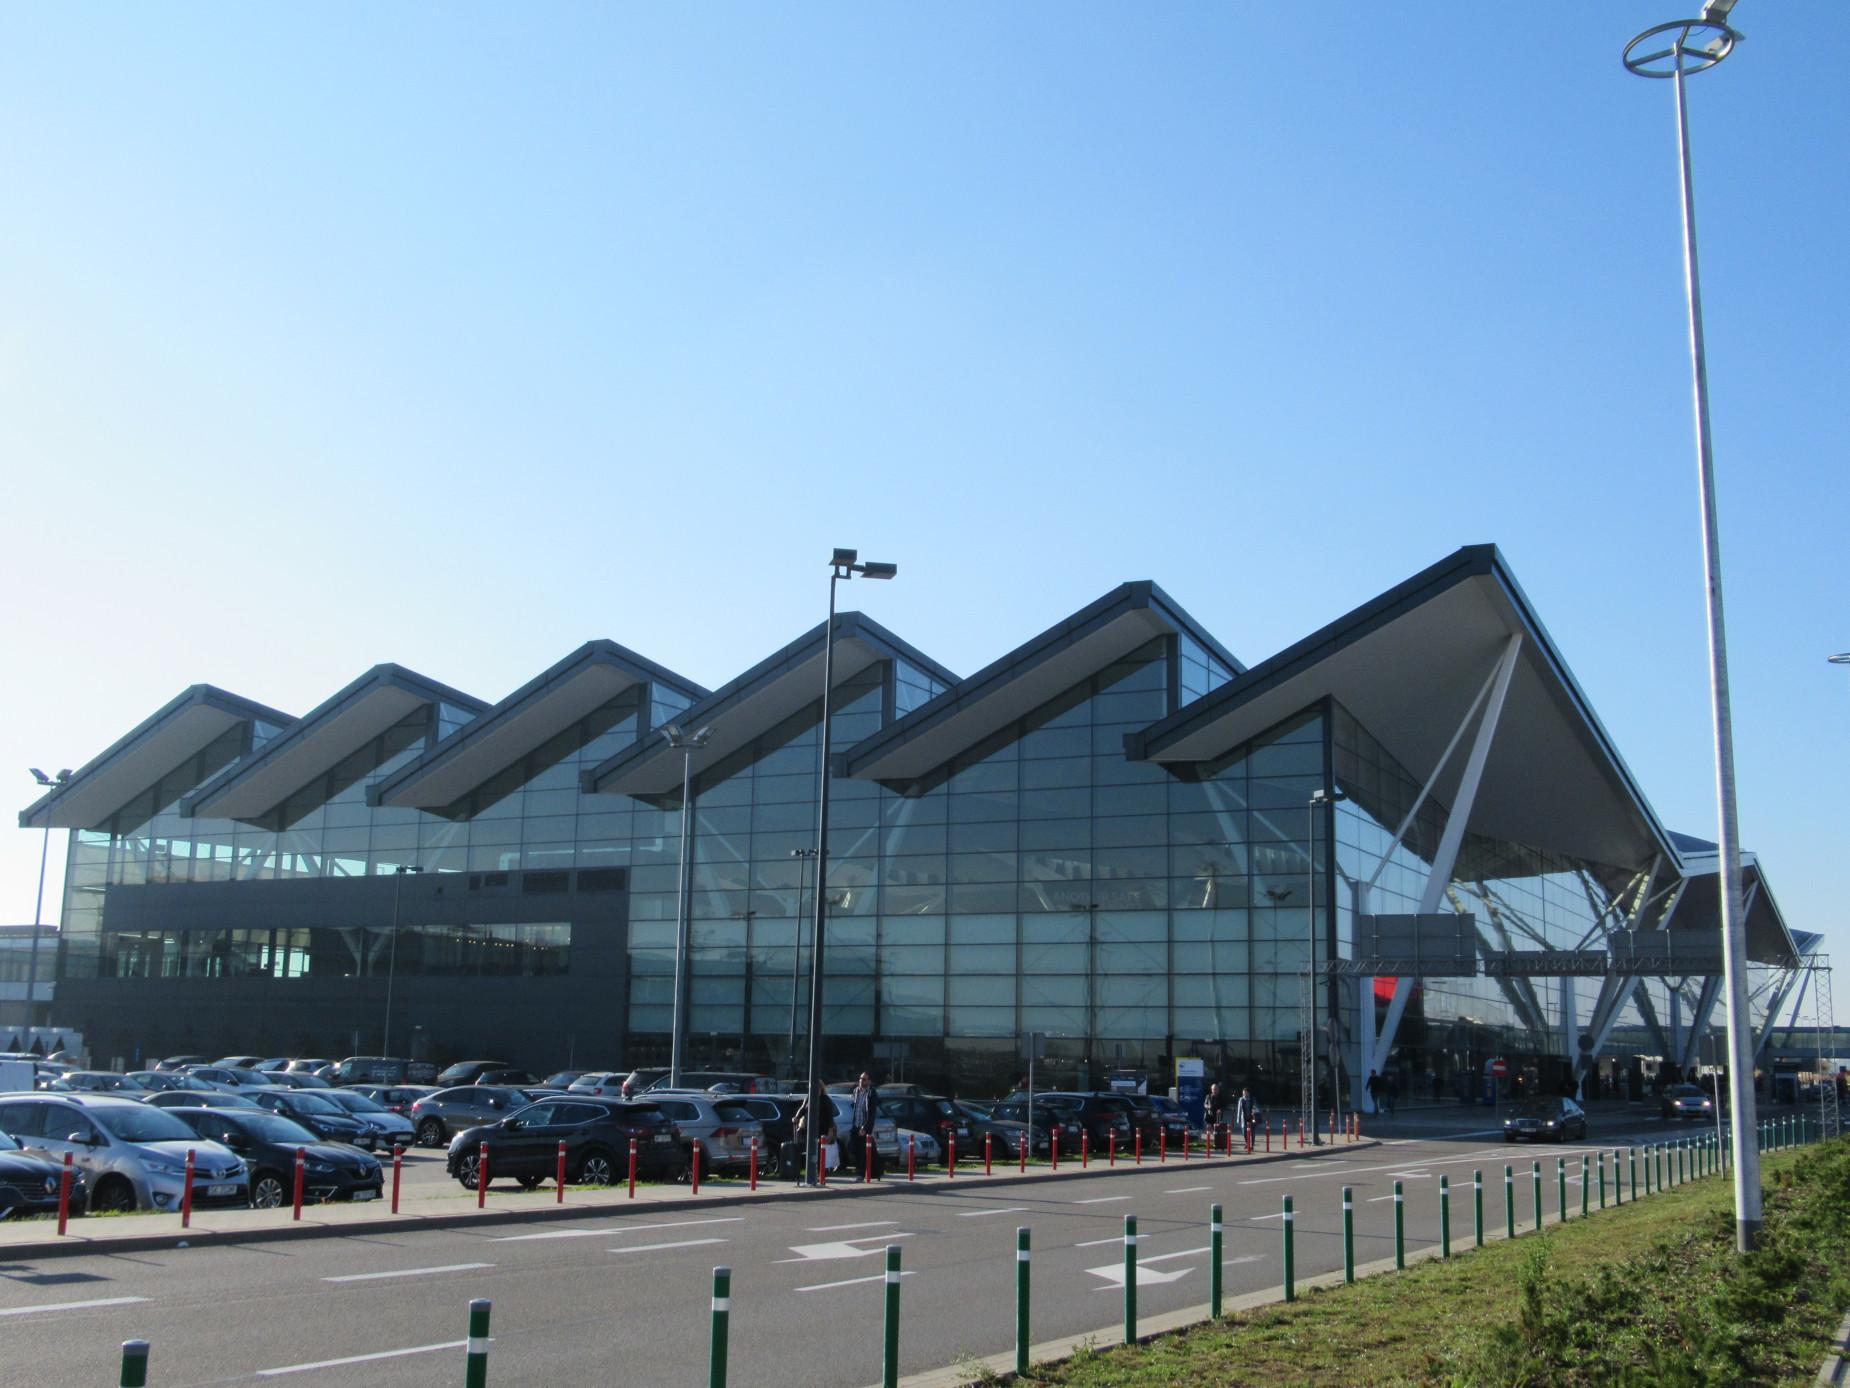 Prawie 2,5 mln pasażerów. Gdańskie lotnisko na drugim miejscu w Polsce. A co z punktualnością?